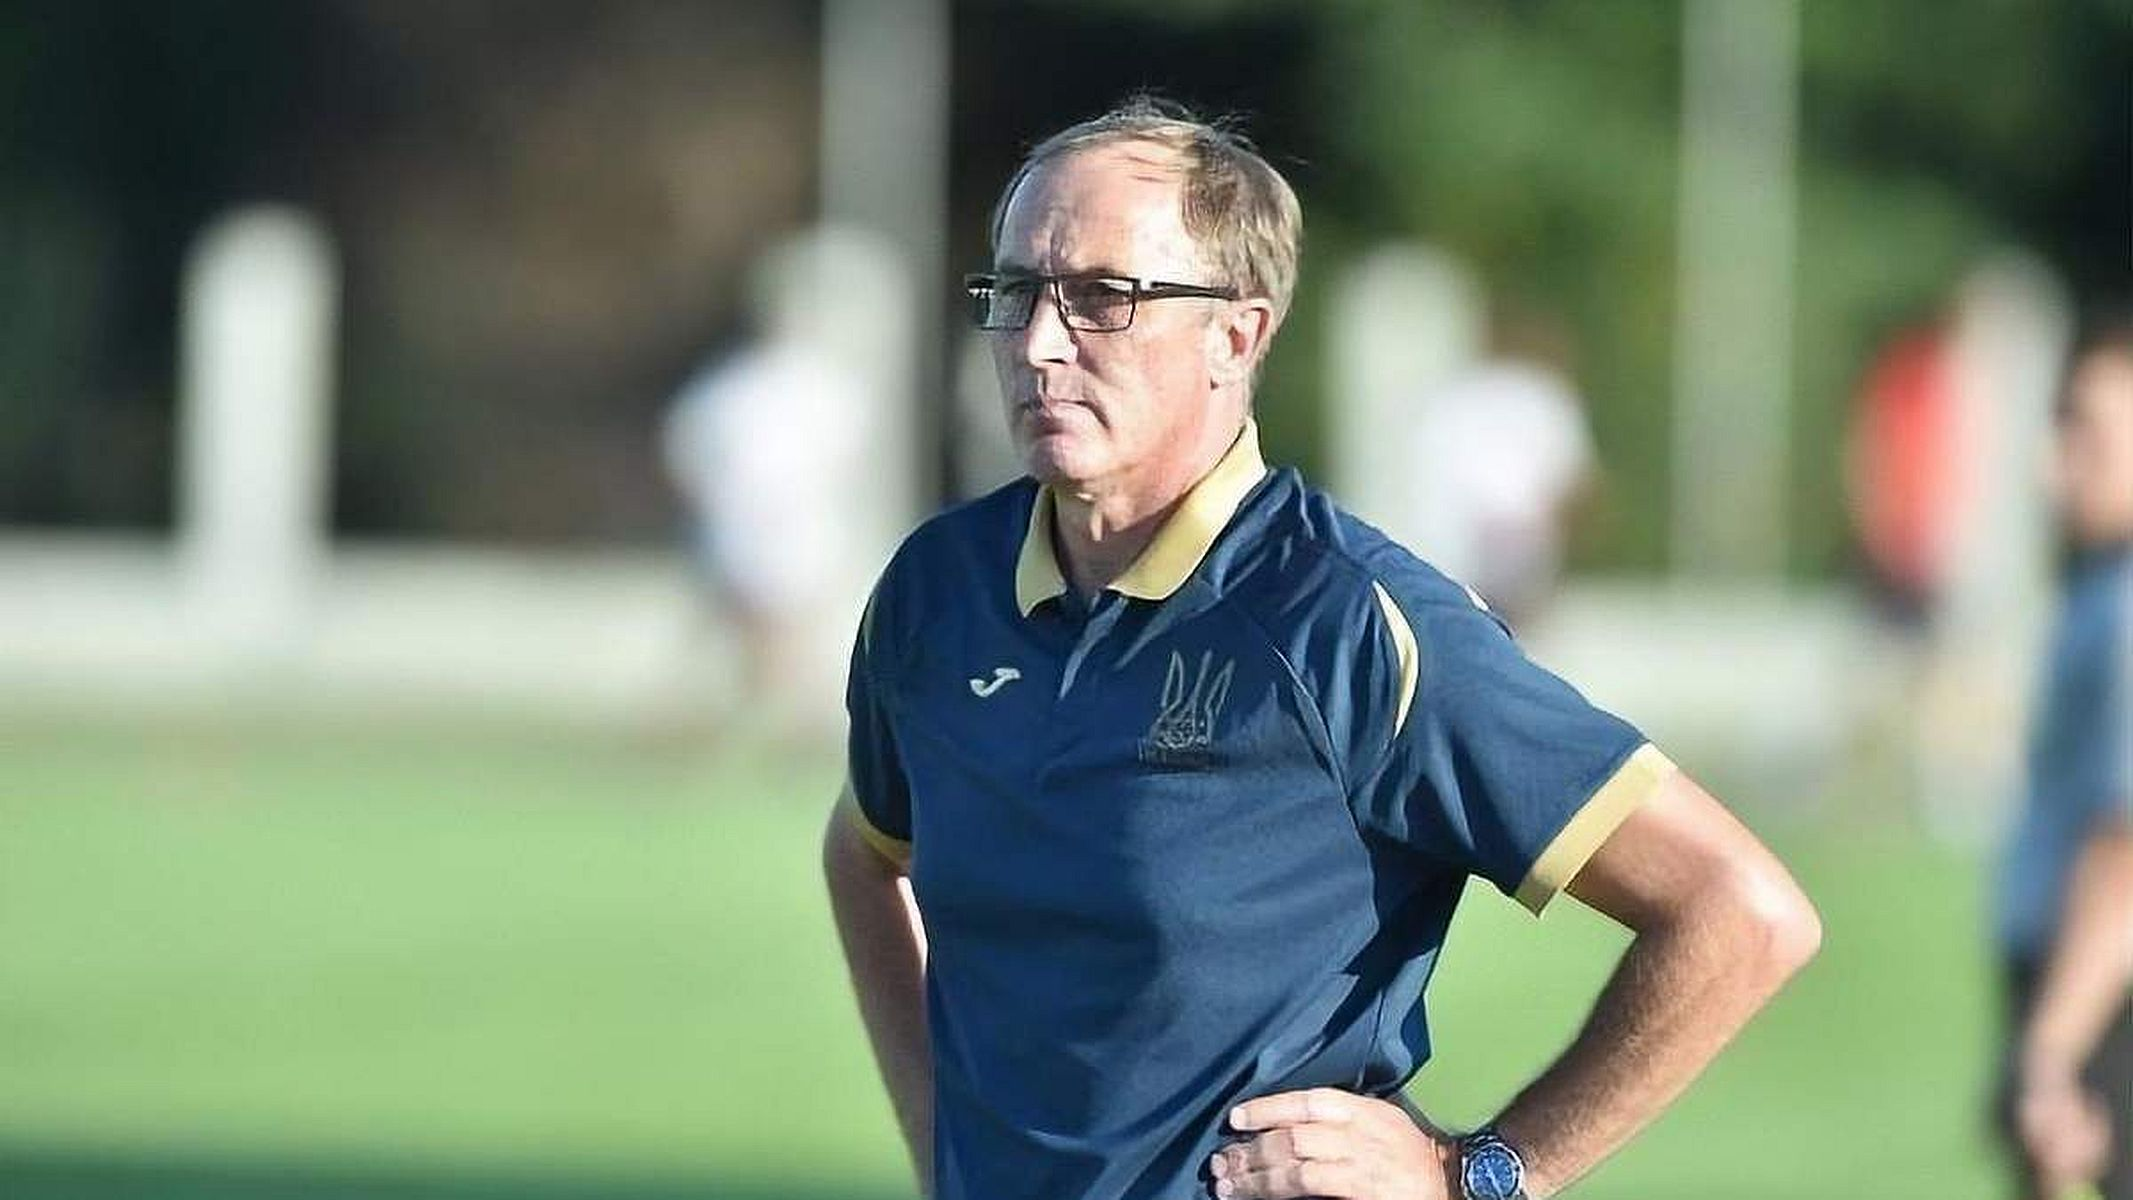 Новый тренер сборной Украины: кто такой Александр Петраков и почему его назначали со скандалом